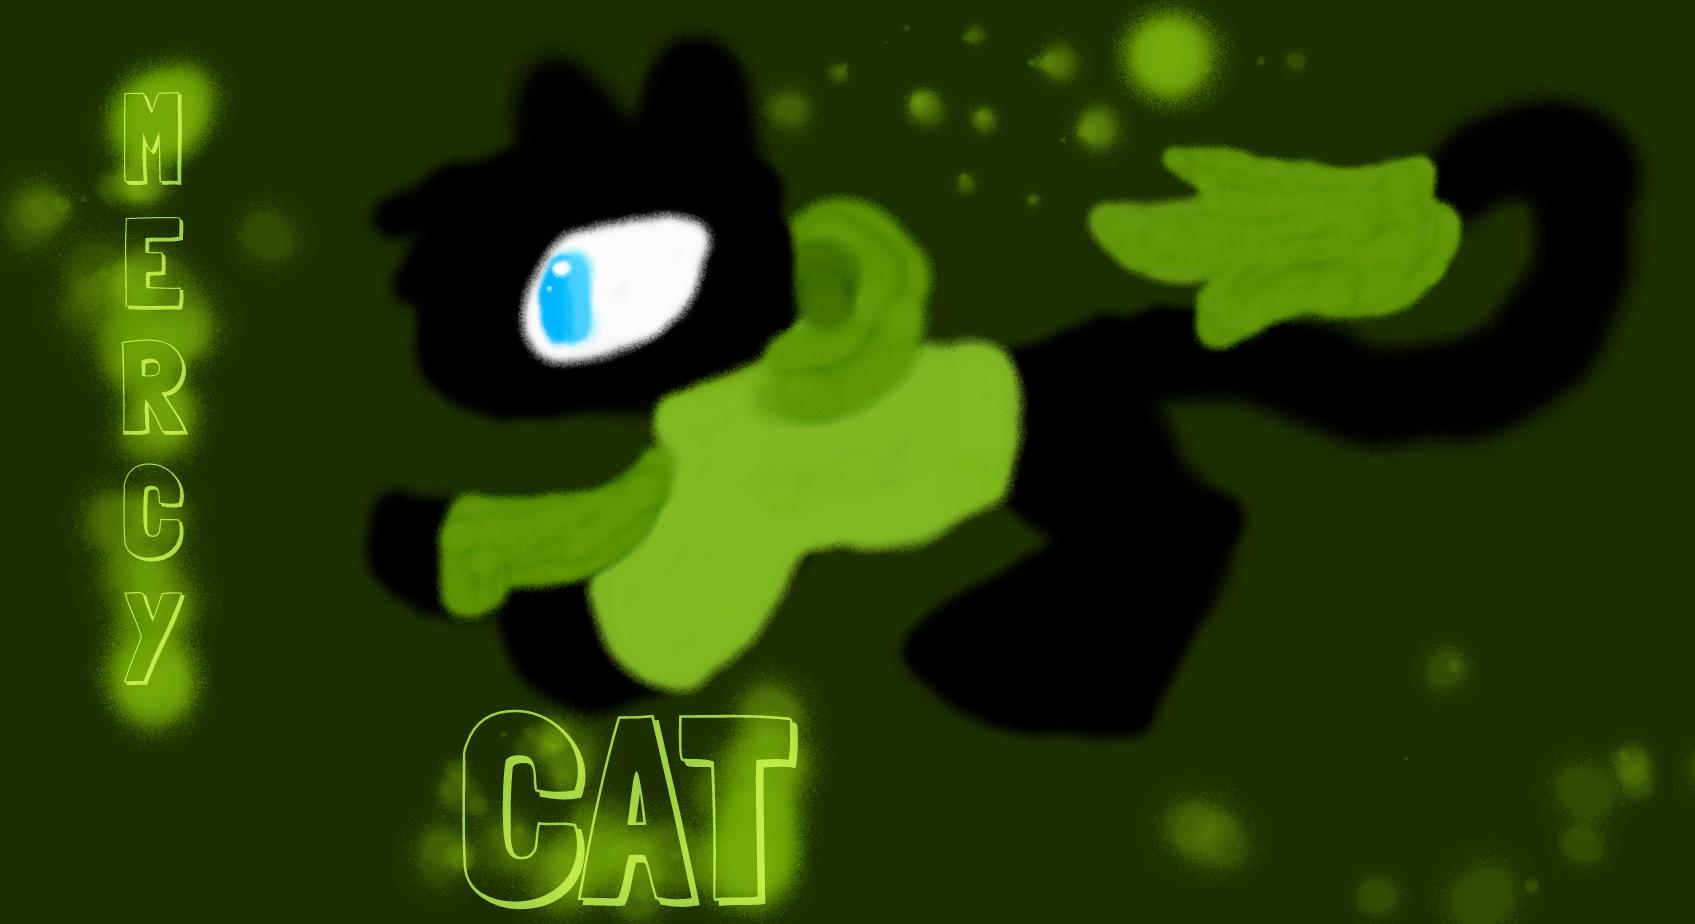 Mercy Cat